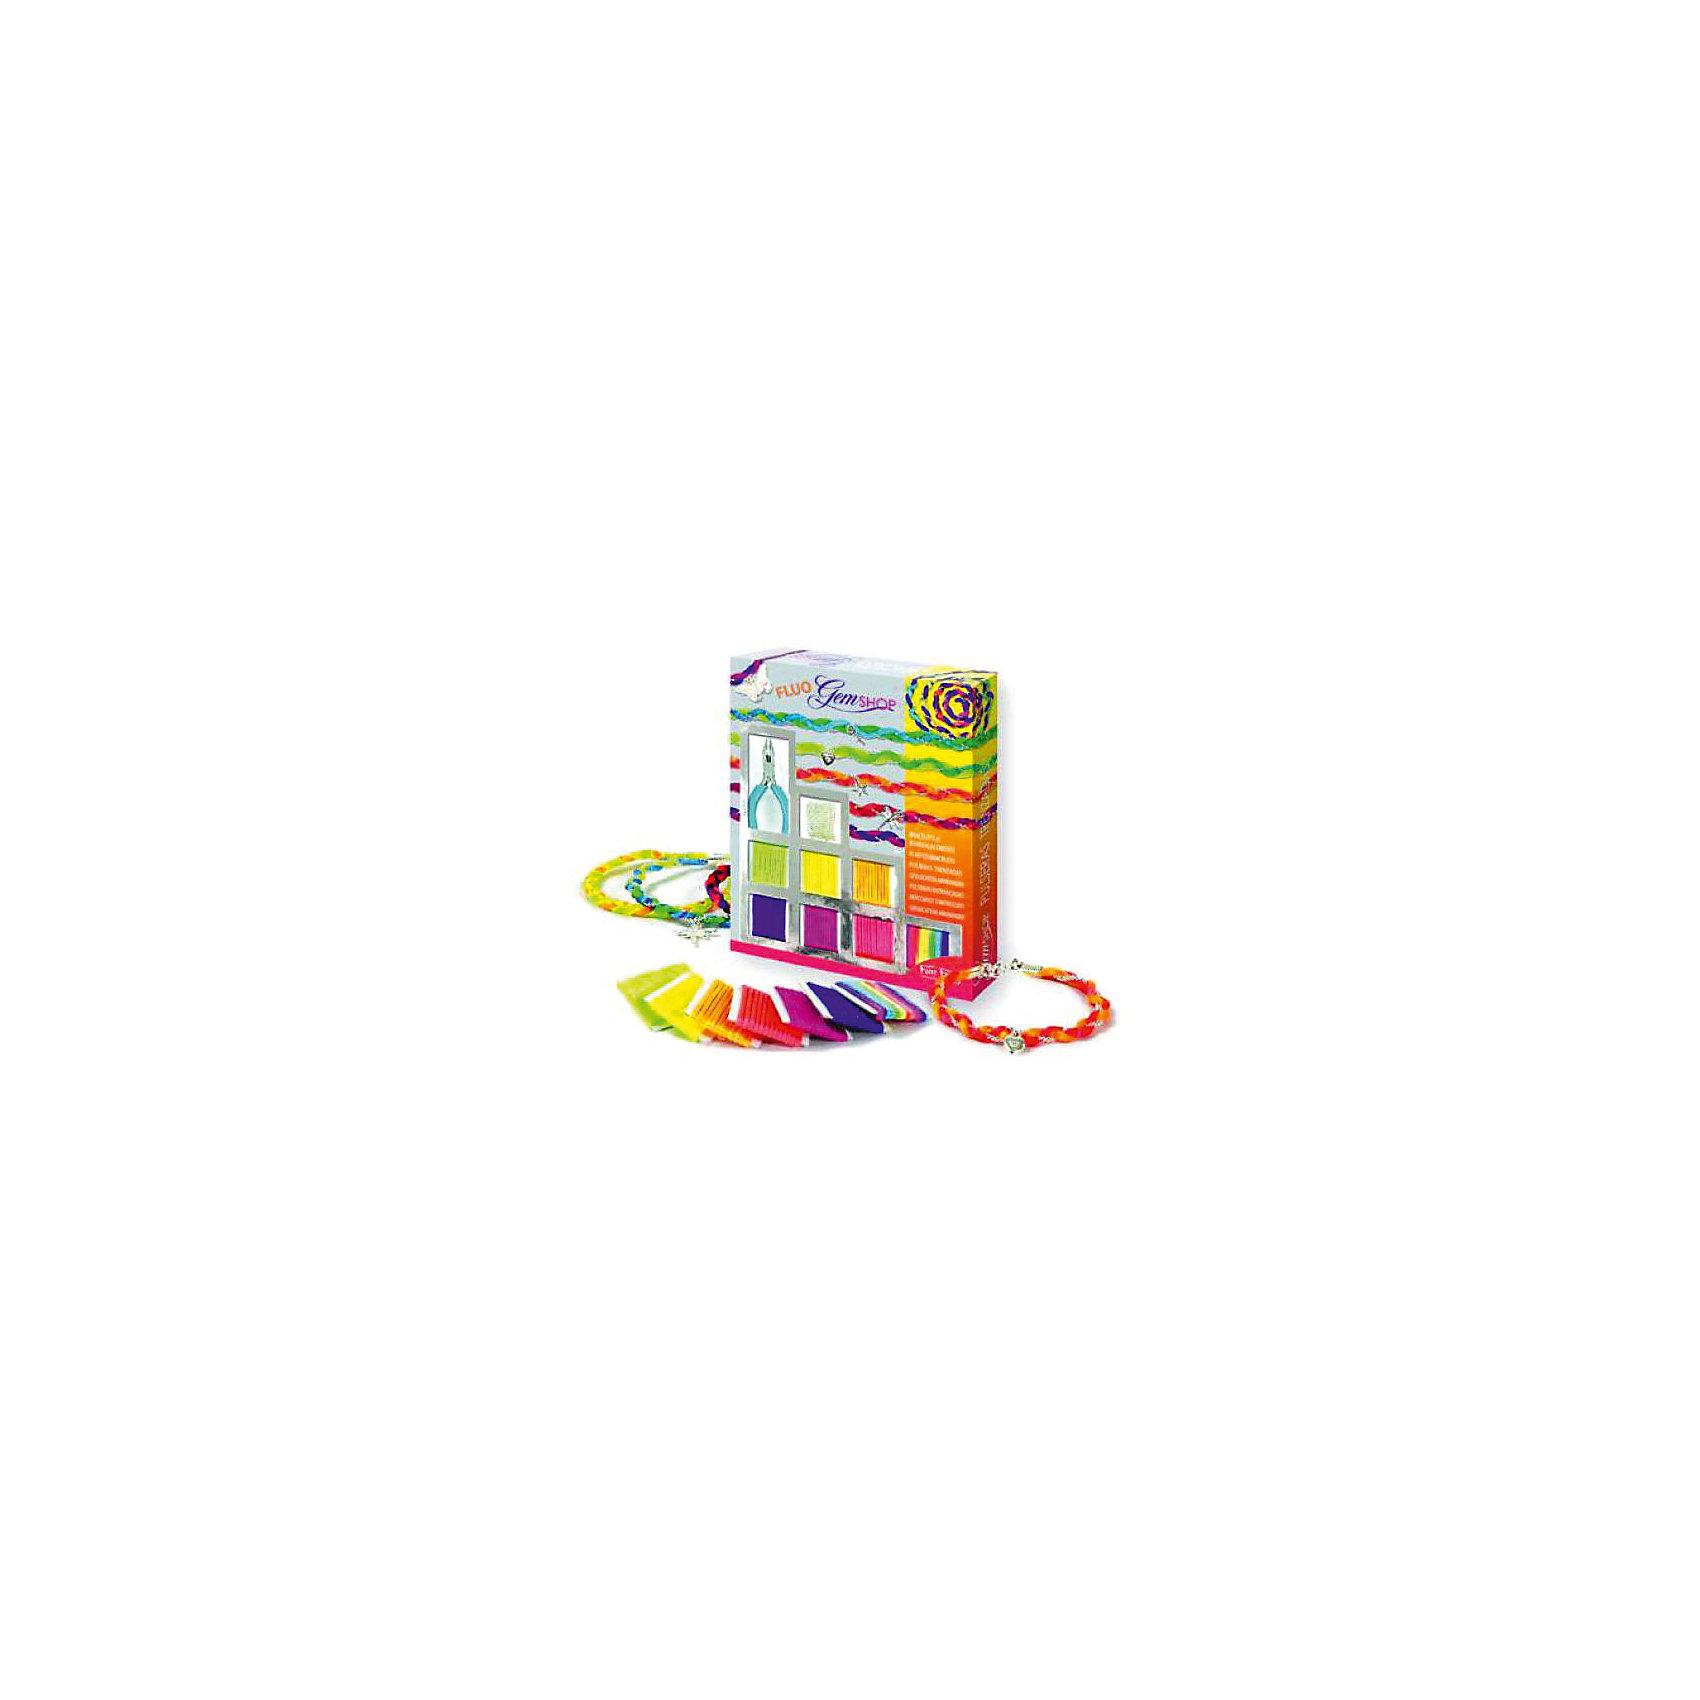 Набор Бразильские браслеты ФлуоСоздание браслетов<br>Набор Бразильские браслеты Флуо – это прекрасный набор для детского творчества.<br>Набор Бразильские браслеты Флуо от французского производителя Sentosphere (Сентосфере) – красочный творческий набор для юных модниц, который позволит дополнить летний образ девочки. В наборе девочка найдет множество различных ярких нитей, подвесок и цепочку, с помощью которых ей предлагается придумать своё собственное украшение. Ребенок может делать украшения согласно инструкции или же проявить творческие способности и придумать собственный вариант. Все детали набора изготовлены из высококачественных и гипоаллергенных материалов. Набор продается в яркой красочной коробке и идеально подходит для подарка.<br><br>Дополнительная информация:<br><br>- В наборе: 6 флуорисцентных разноцветных нитей, 1 разноцветный шнурок, 1 серебристая цепочка длиной 1 метр, 5 серебристых подвесок, застежки, детские плоскогубцы, подробная инструкция<br>- Размер упаковки: 19,5 x 2,5 x 24 см.<br>- Вес: 240 гр.<br><br>Набор Бразильские браслеты Флуо можно купить в нашем интернет-магазине.<br><br>Ширина мм: 195<br>Глубина мм: 25<br>Высота мм: 240<br>Вес г: 240<br>Возраст от месяцев: 96<br>Возраст до месяцев: 156<br>Пол: Женский<br>Возраст: Детский<br>SKU: 4305778